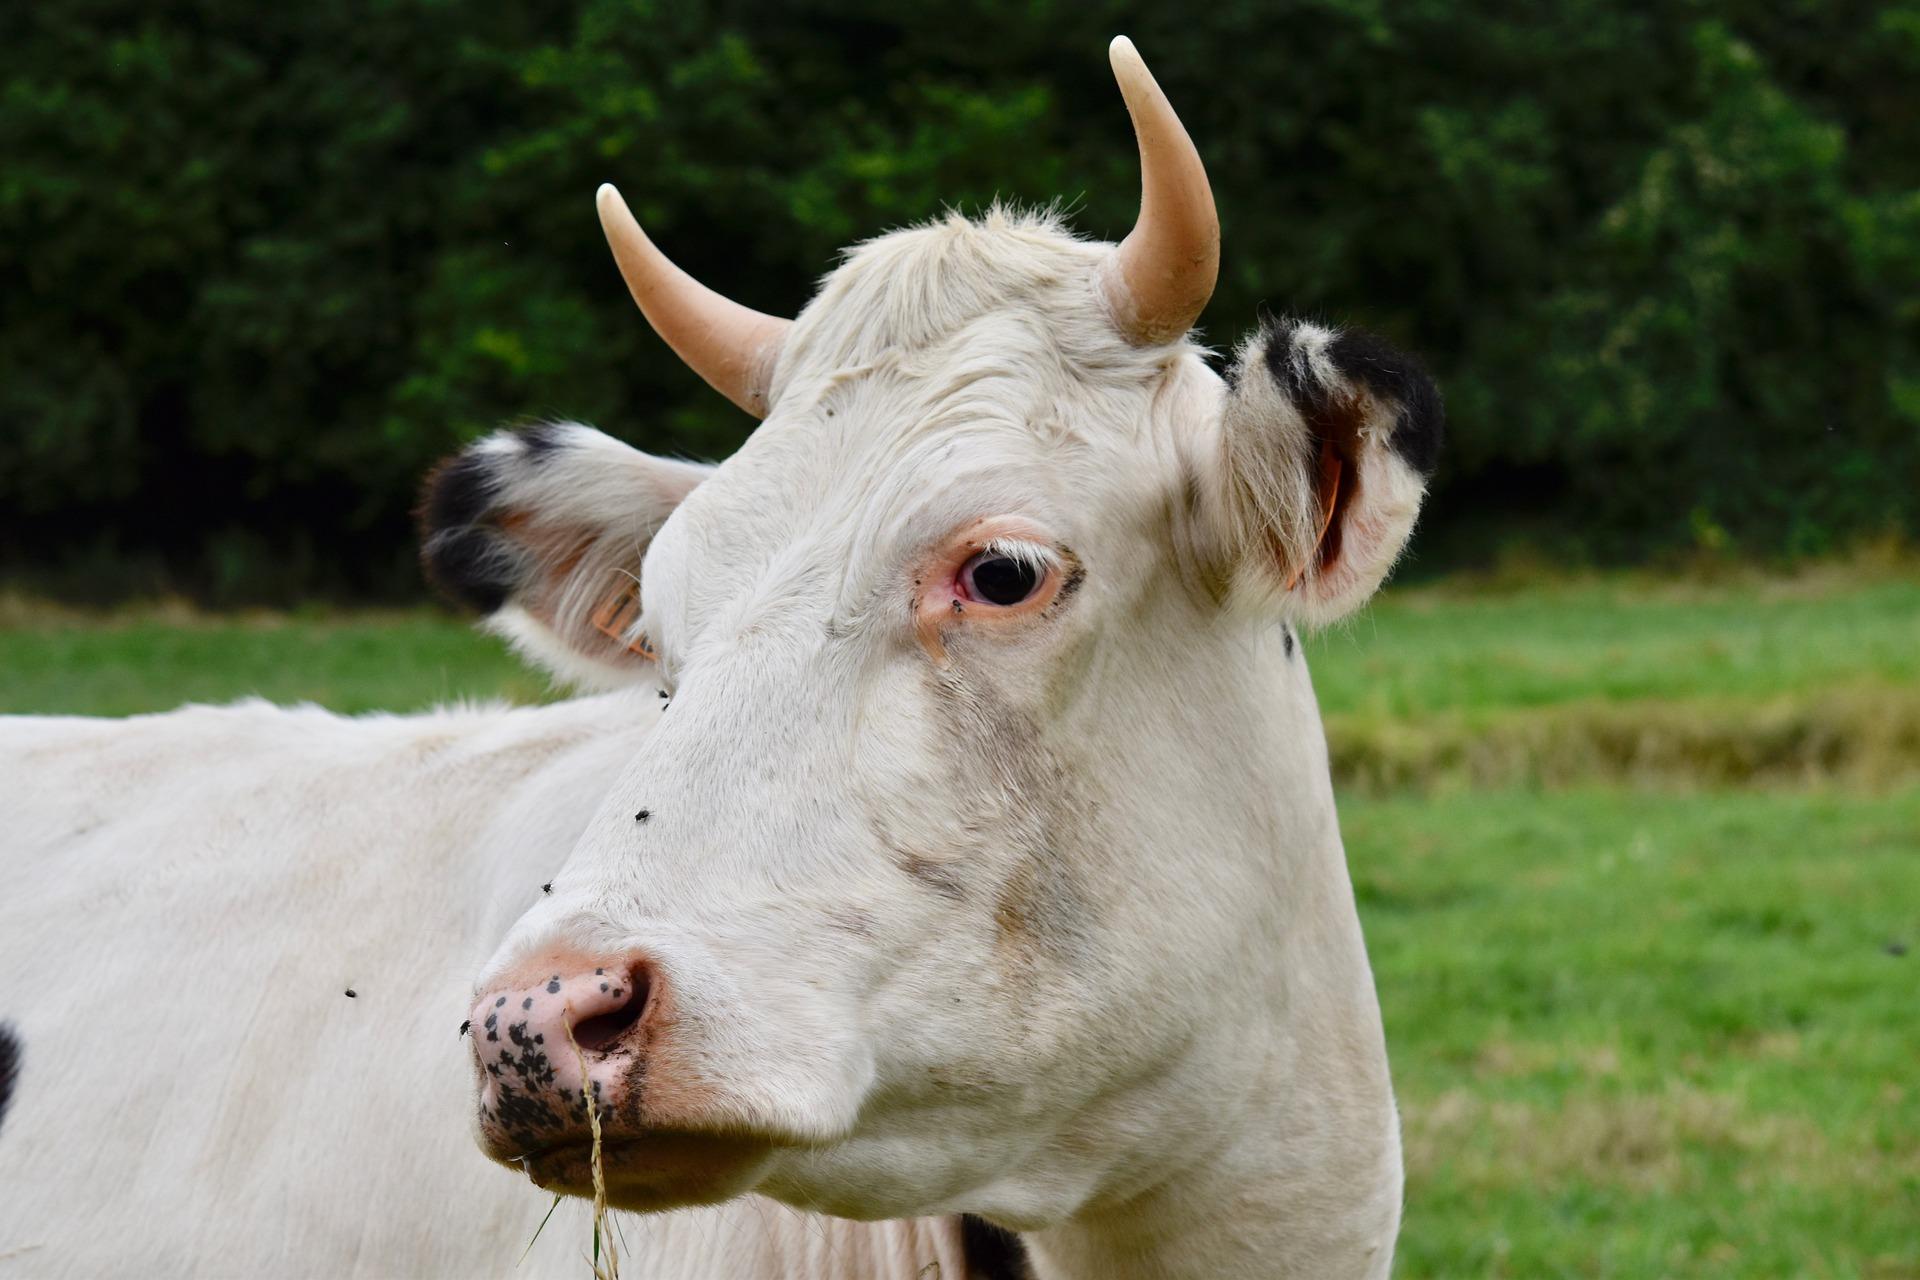 Krów i świń w powiecie kolbuszowskim ubywa  - Zdjęcie główne